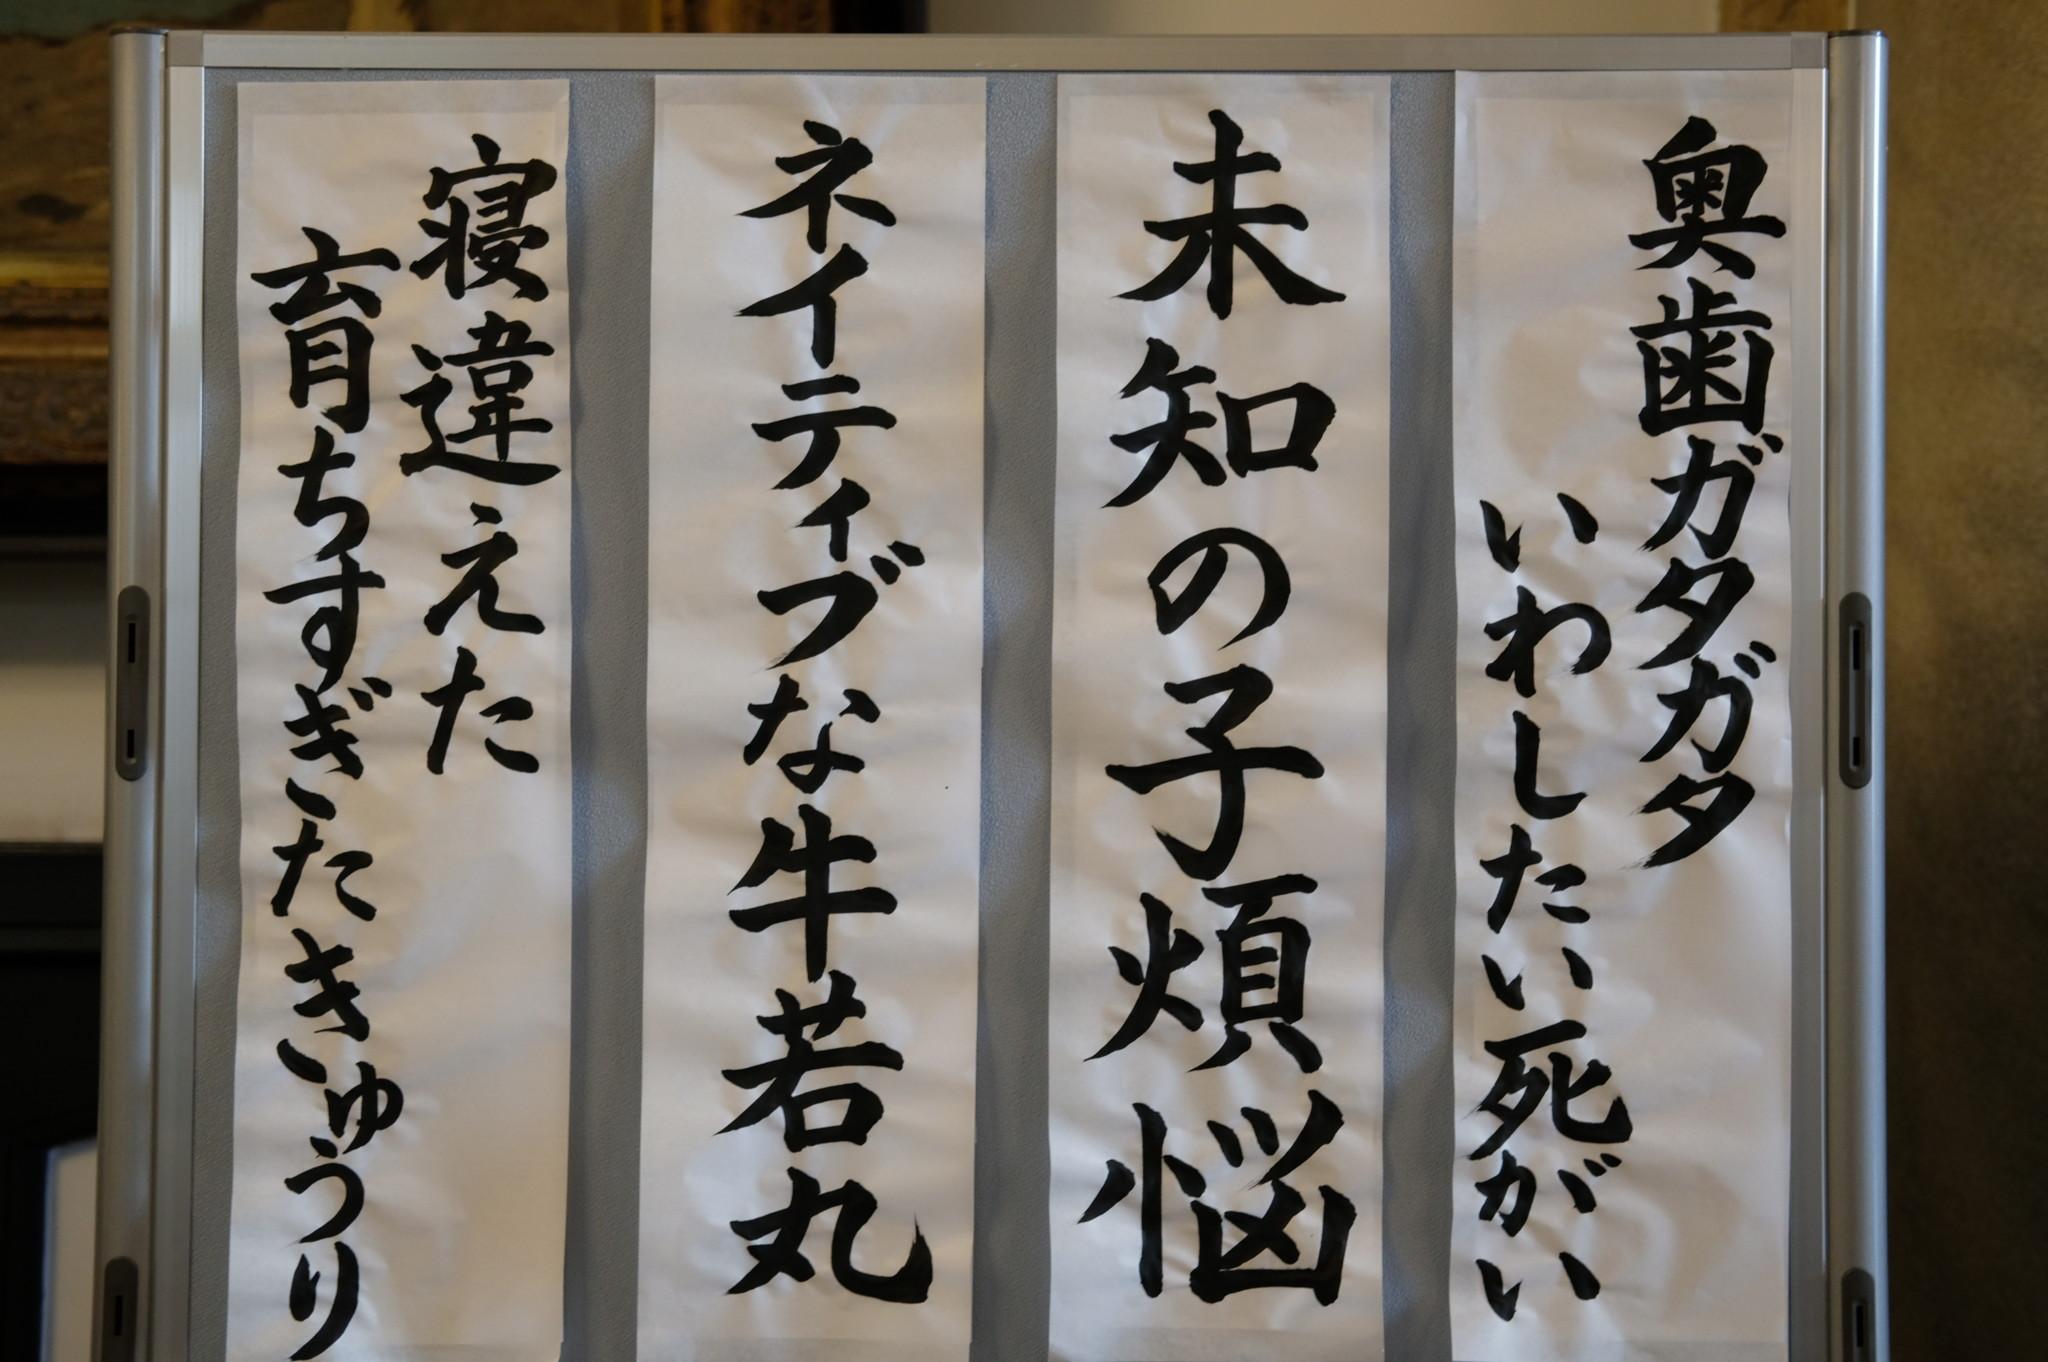 アートと笑いの境界線@横浜市開港記念会館